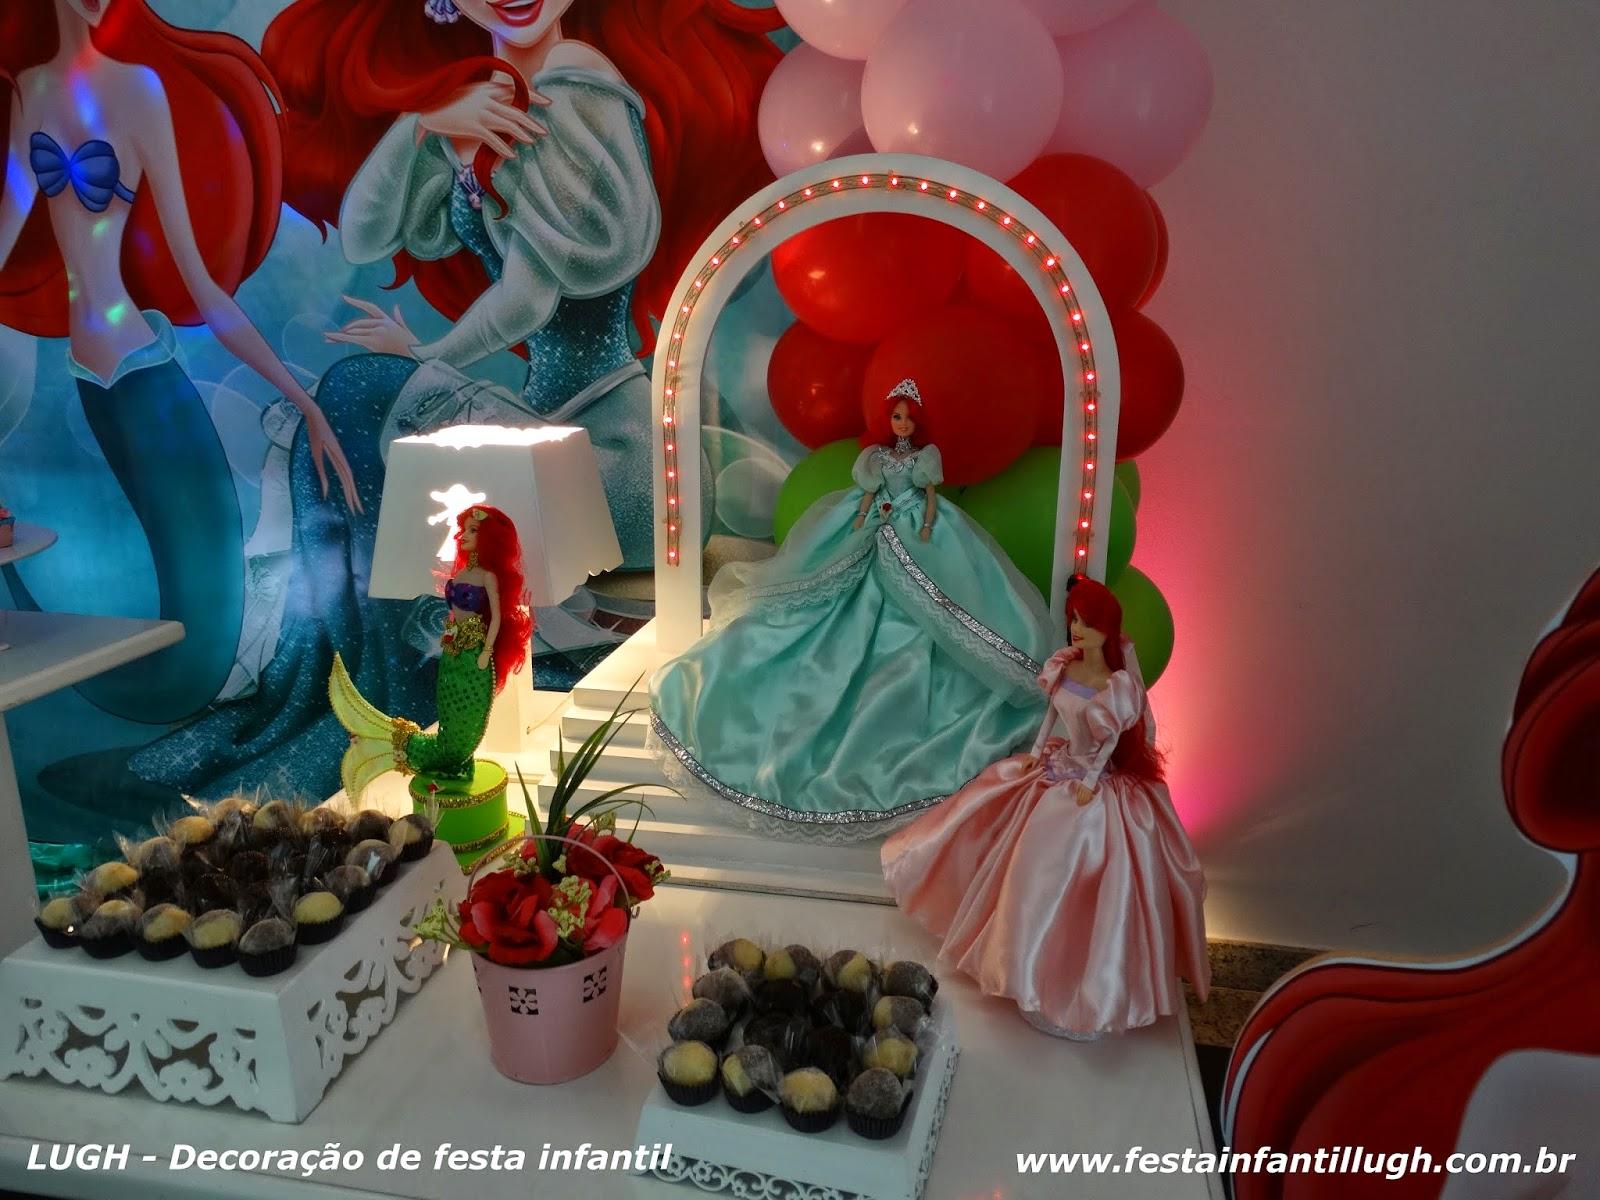 Decoração infantil com o tema da Ariel